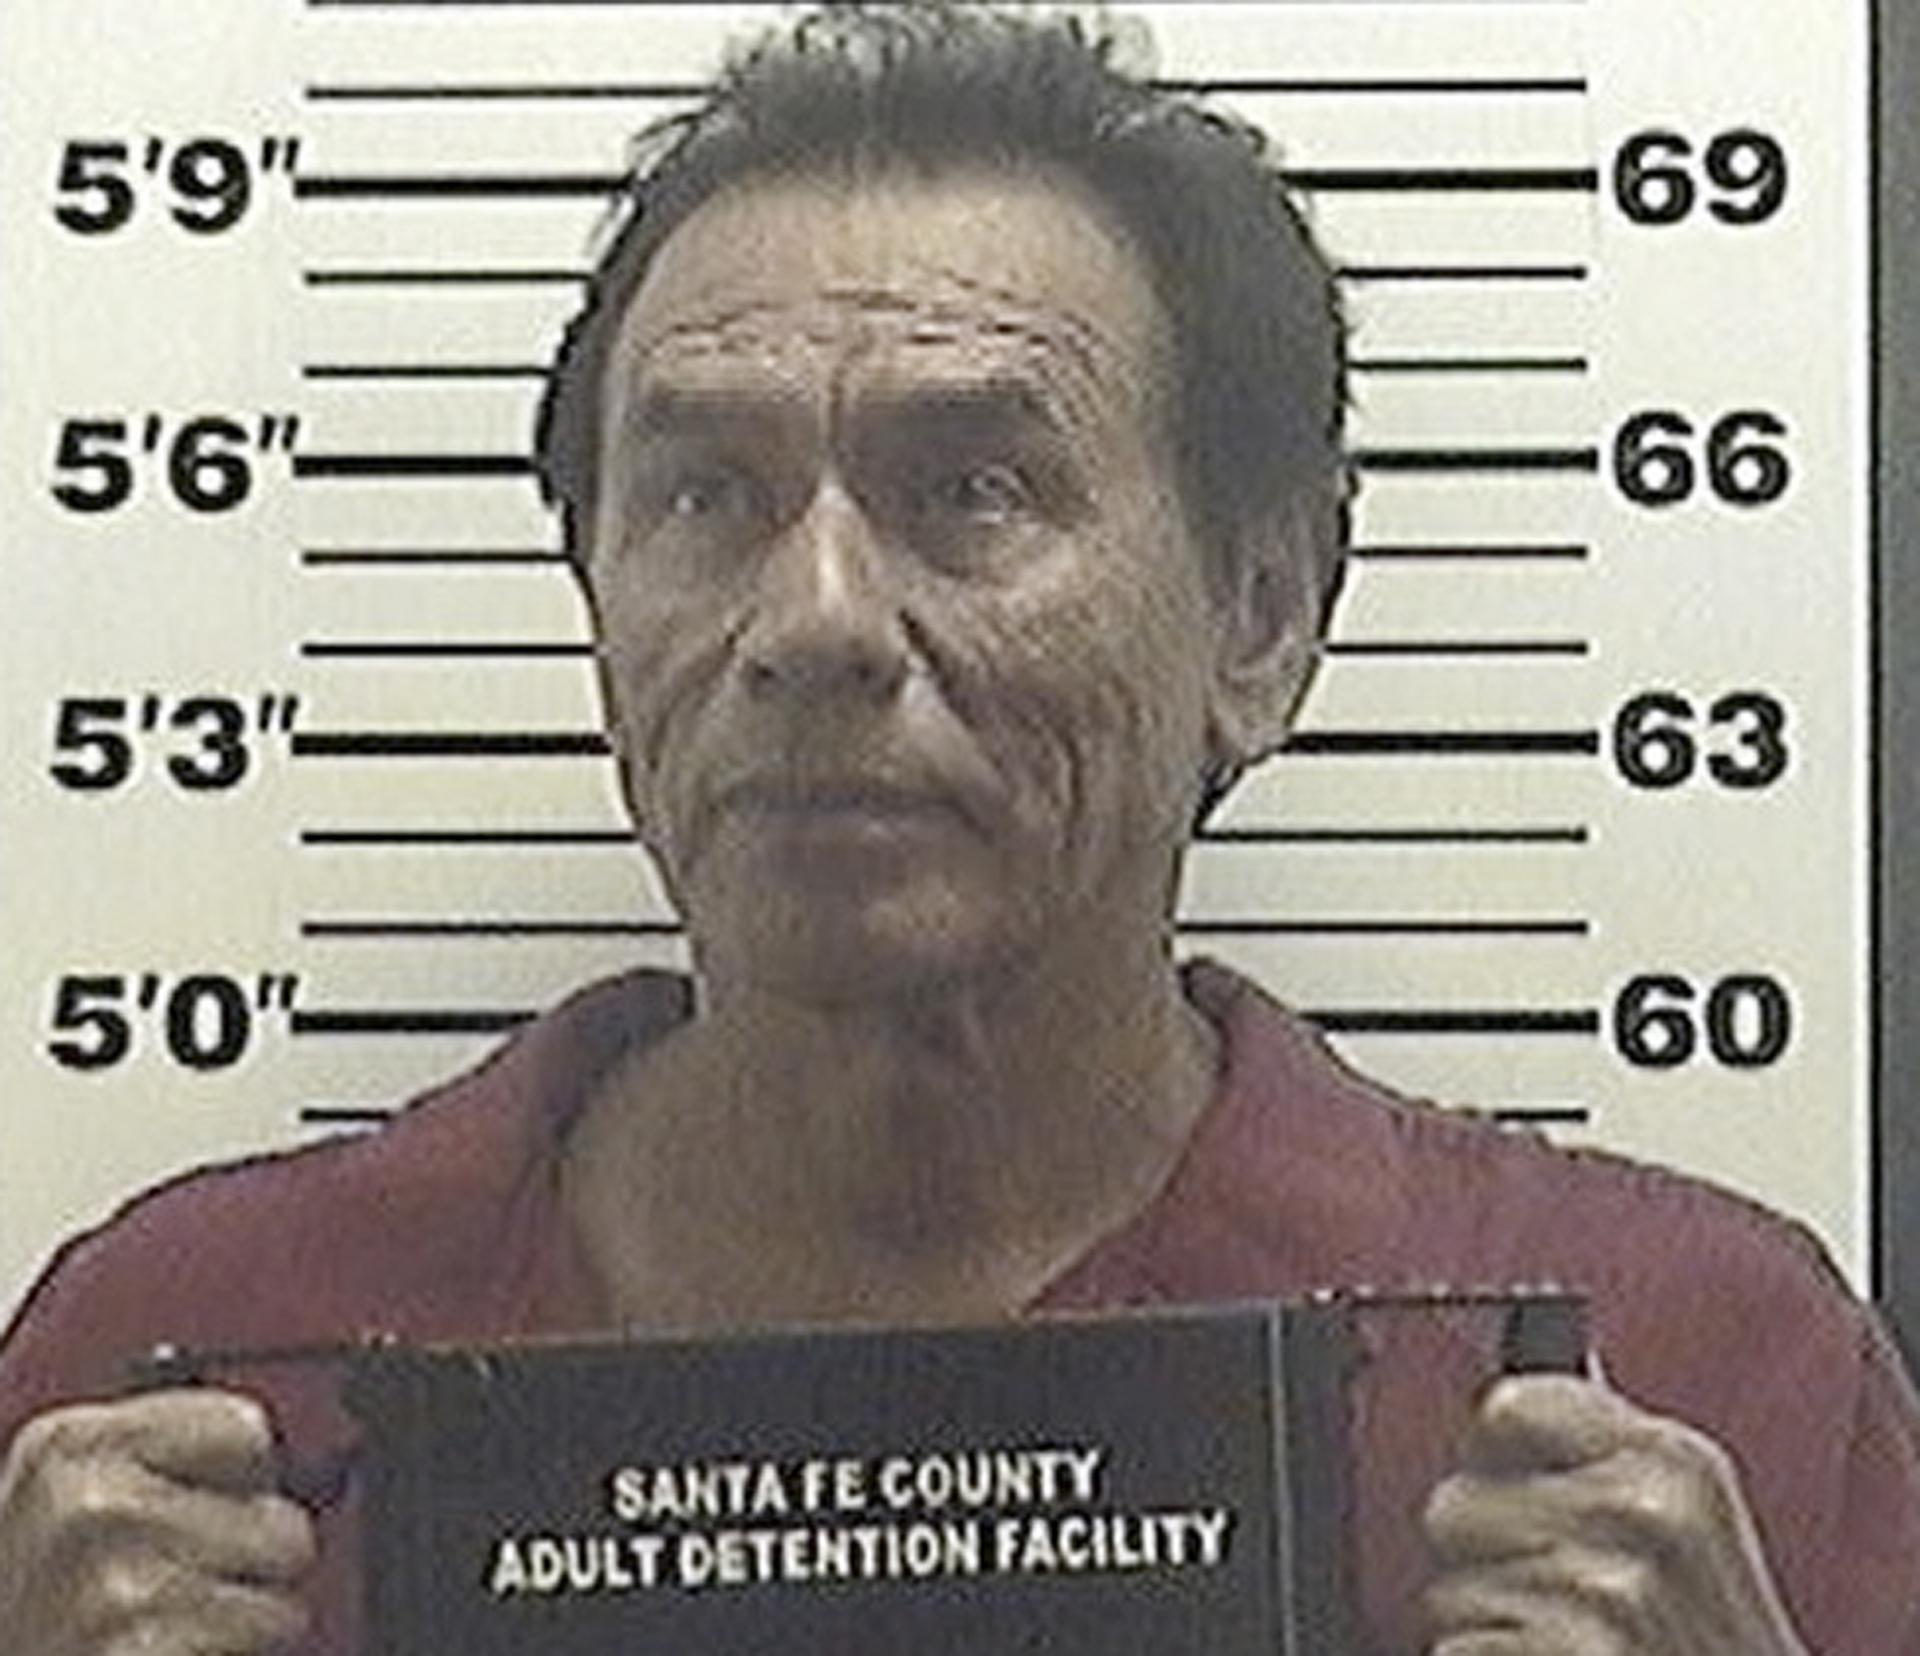 Wes Studi arrested